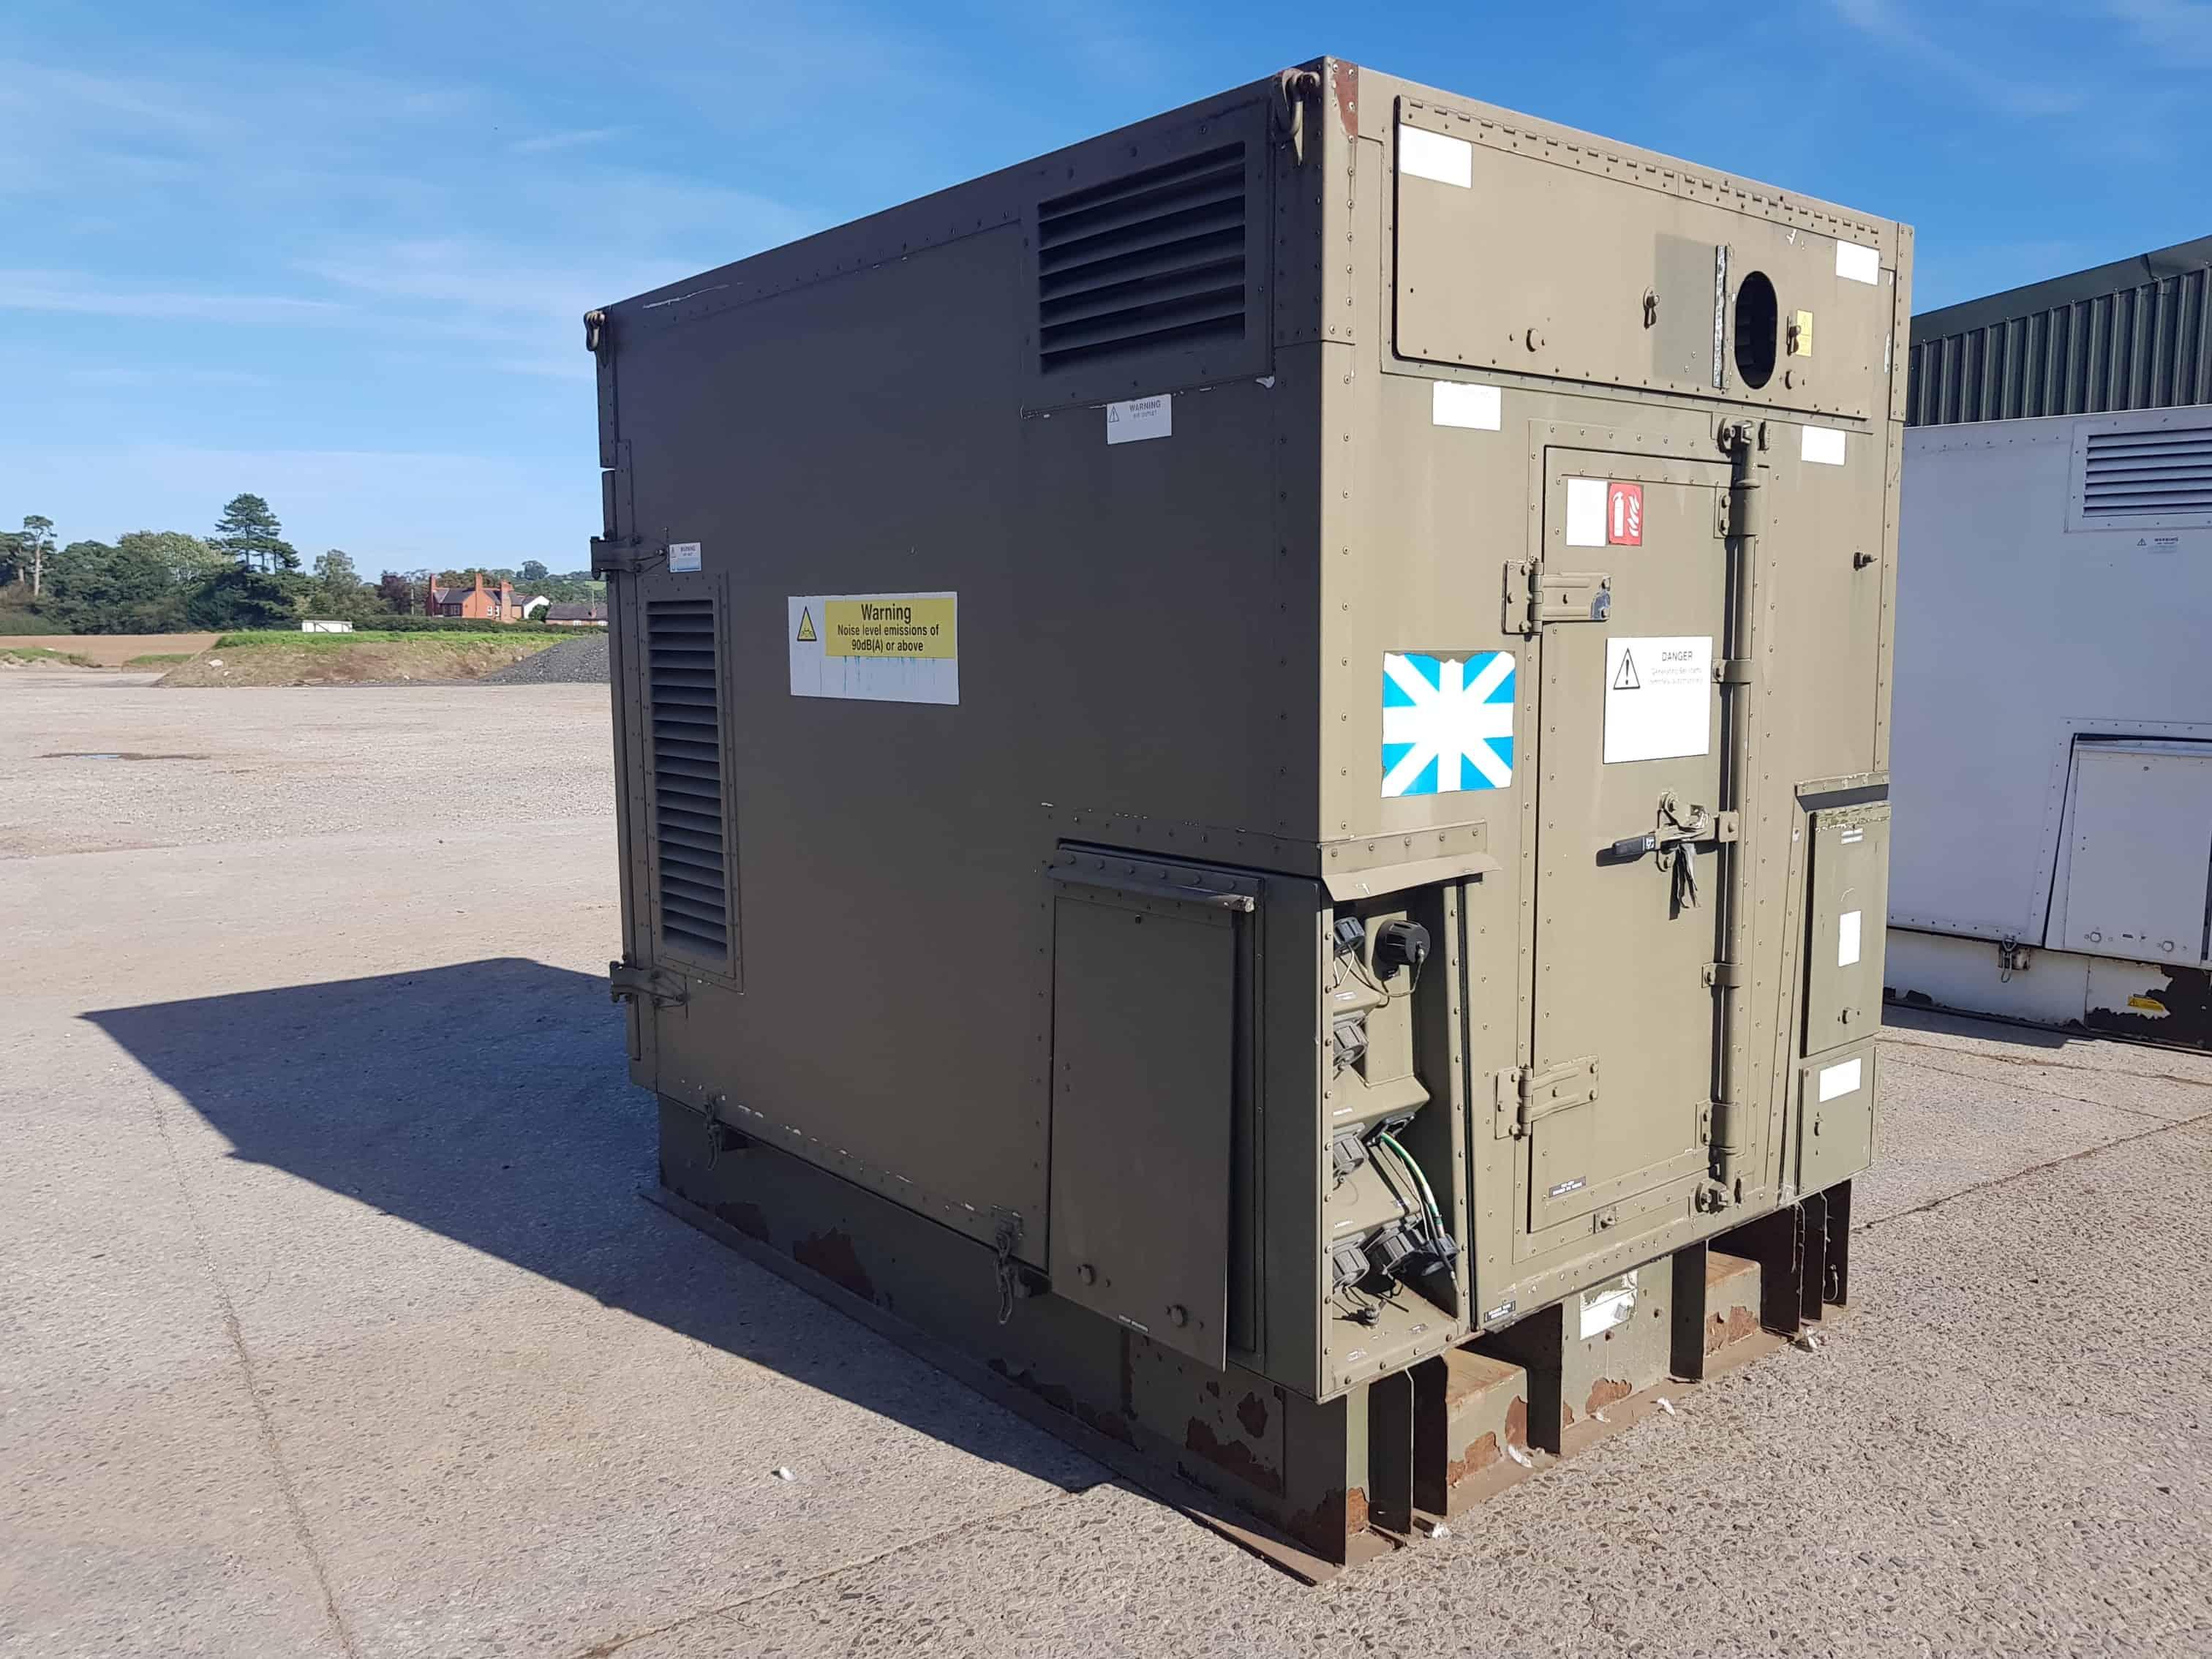 Used diesel generator for sale